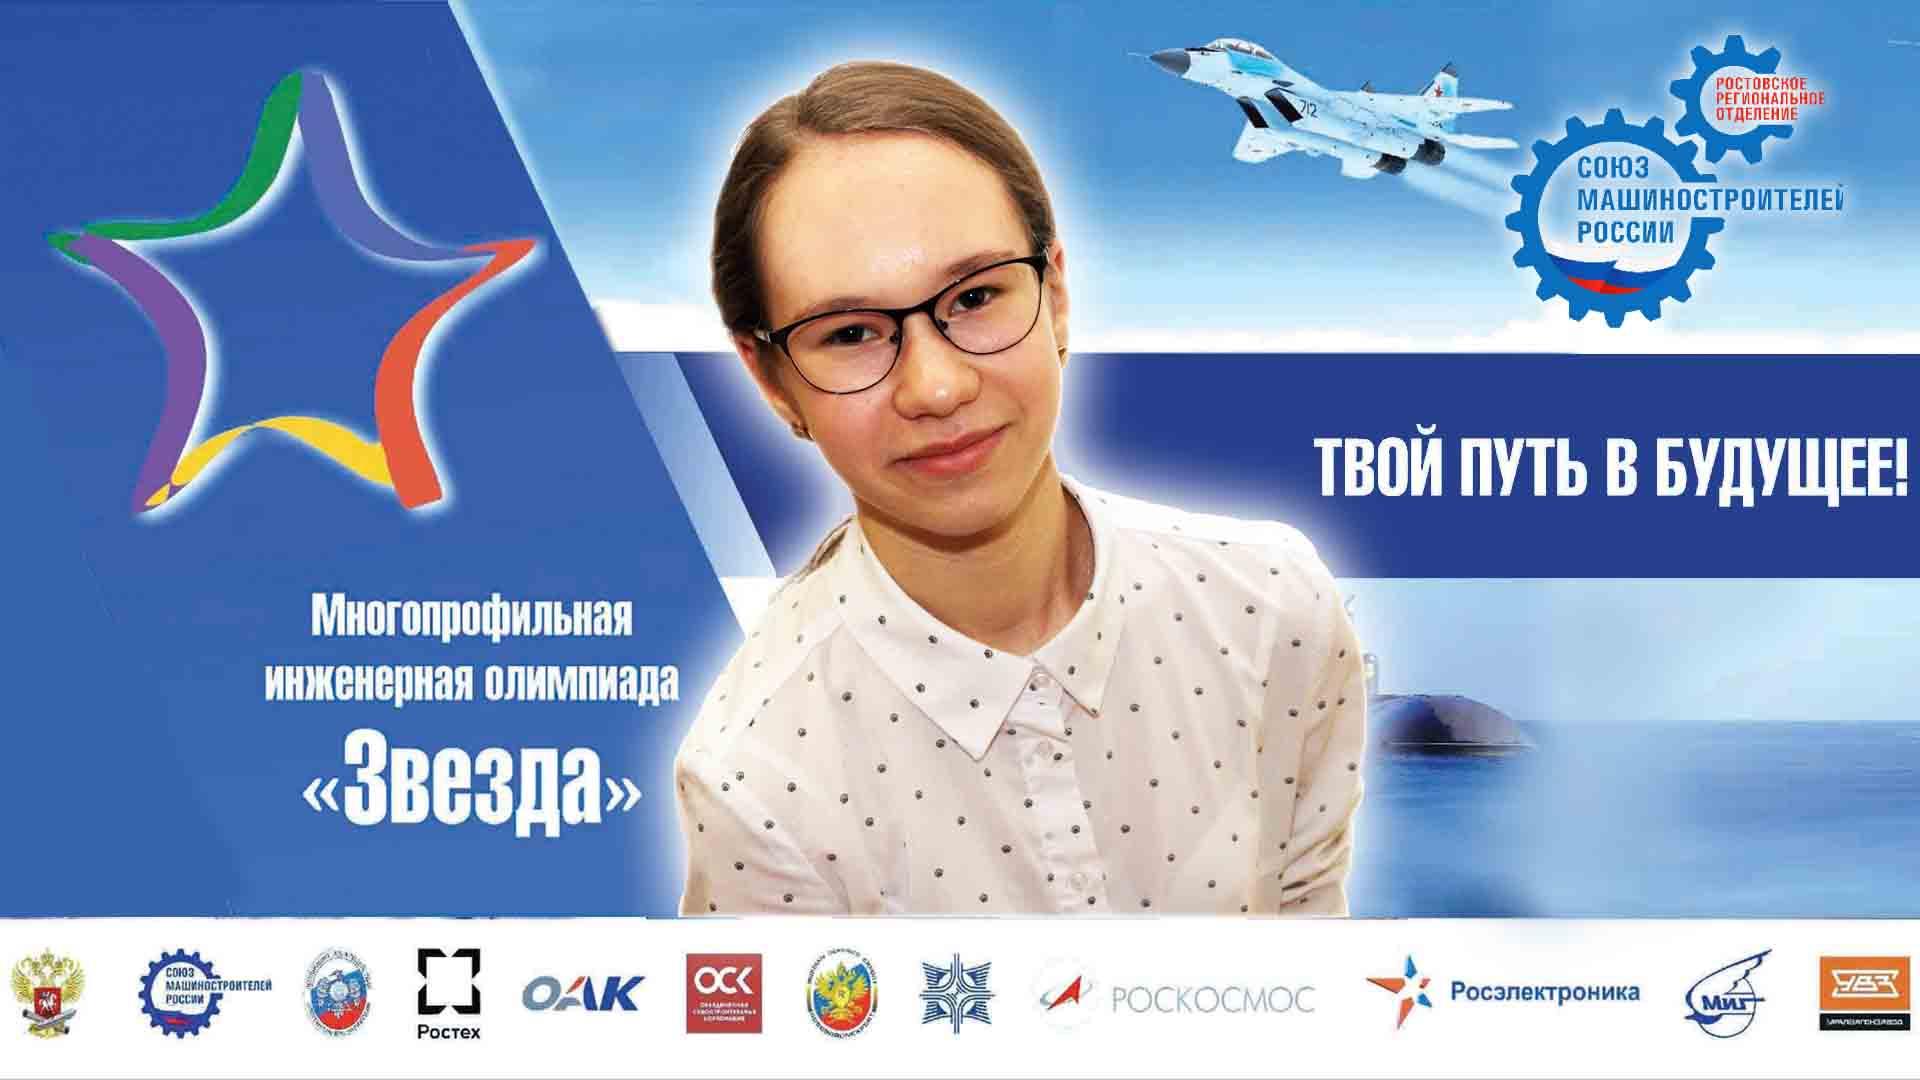 Говорят призеры Многопрофильной олимпиады «Звезда»-2019